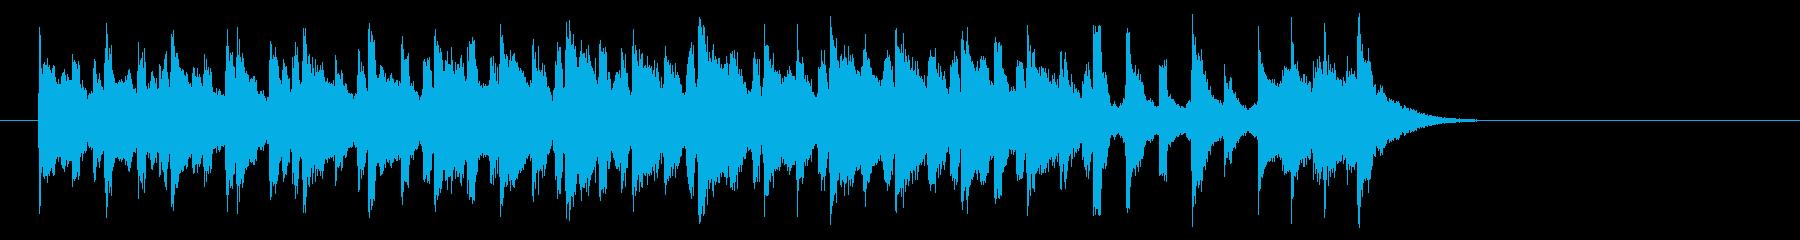 牧場のメルヘンなポップス(サビ)の再生済みの波形